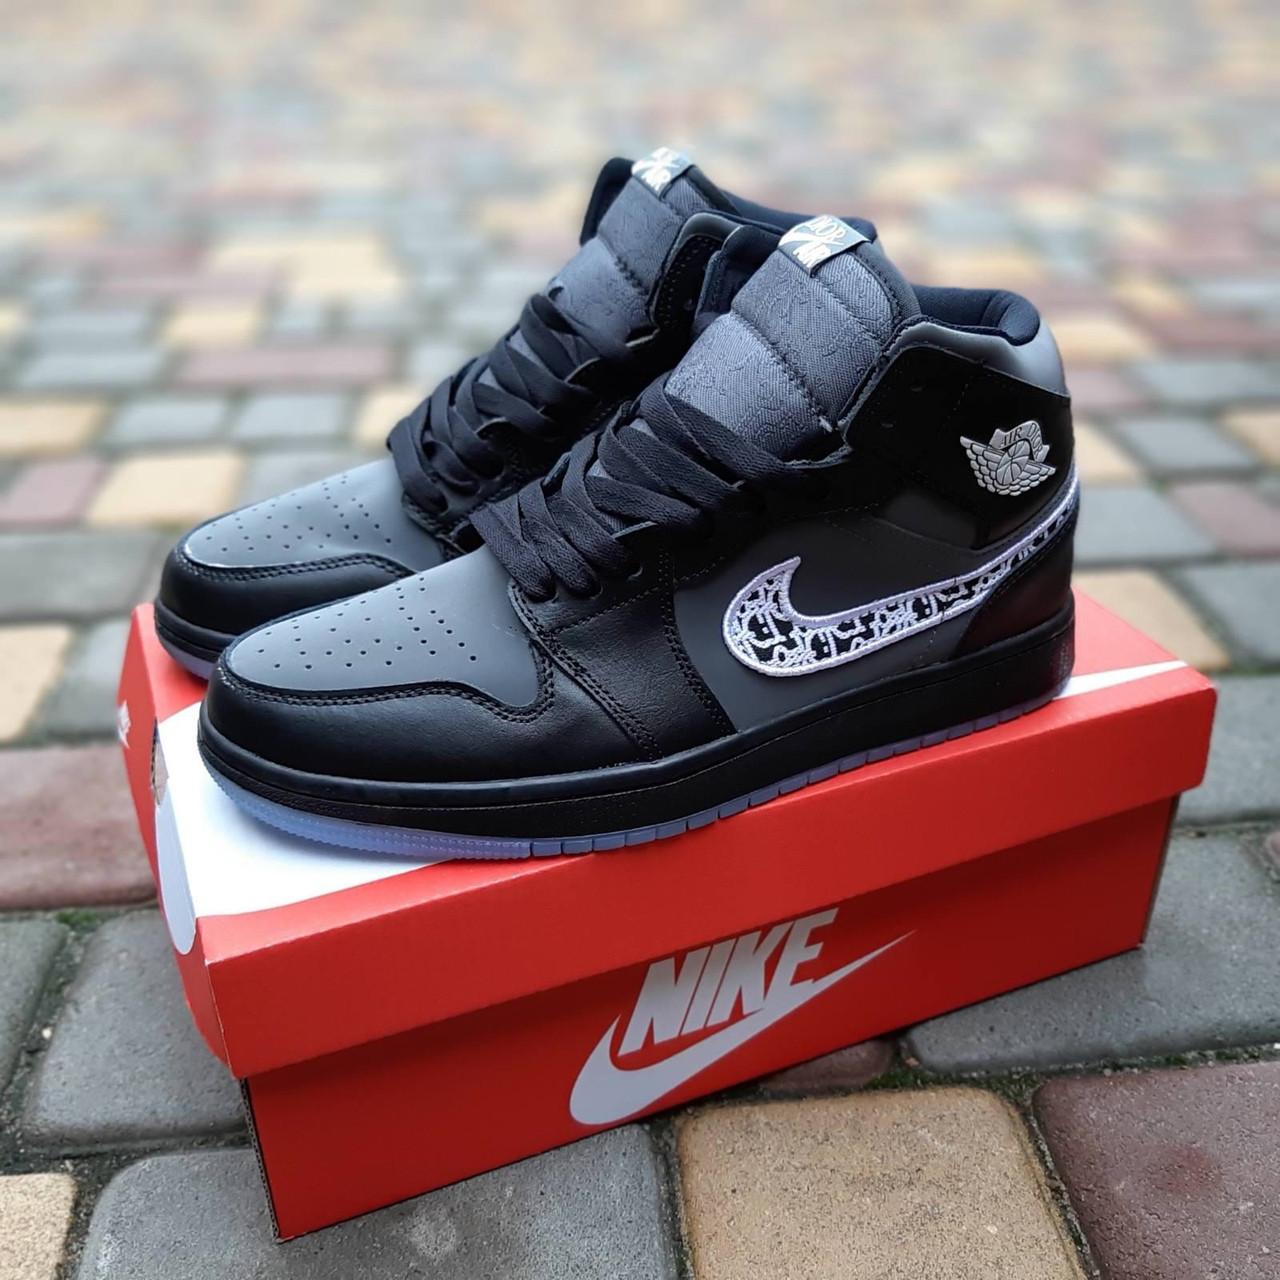 Чоловічі рефлективні кросівки Nike Air Jordan 1 Retro High Dior (чорні) 10317